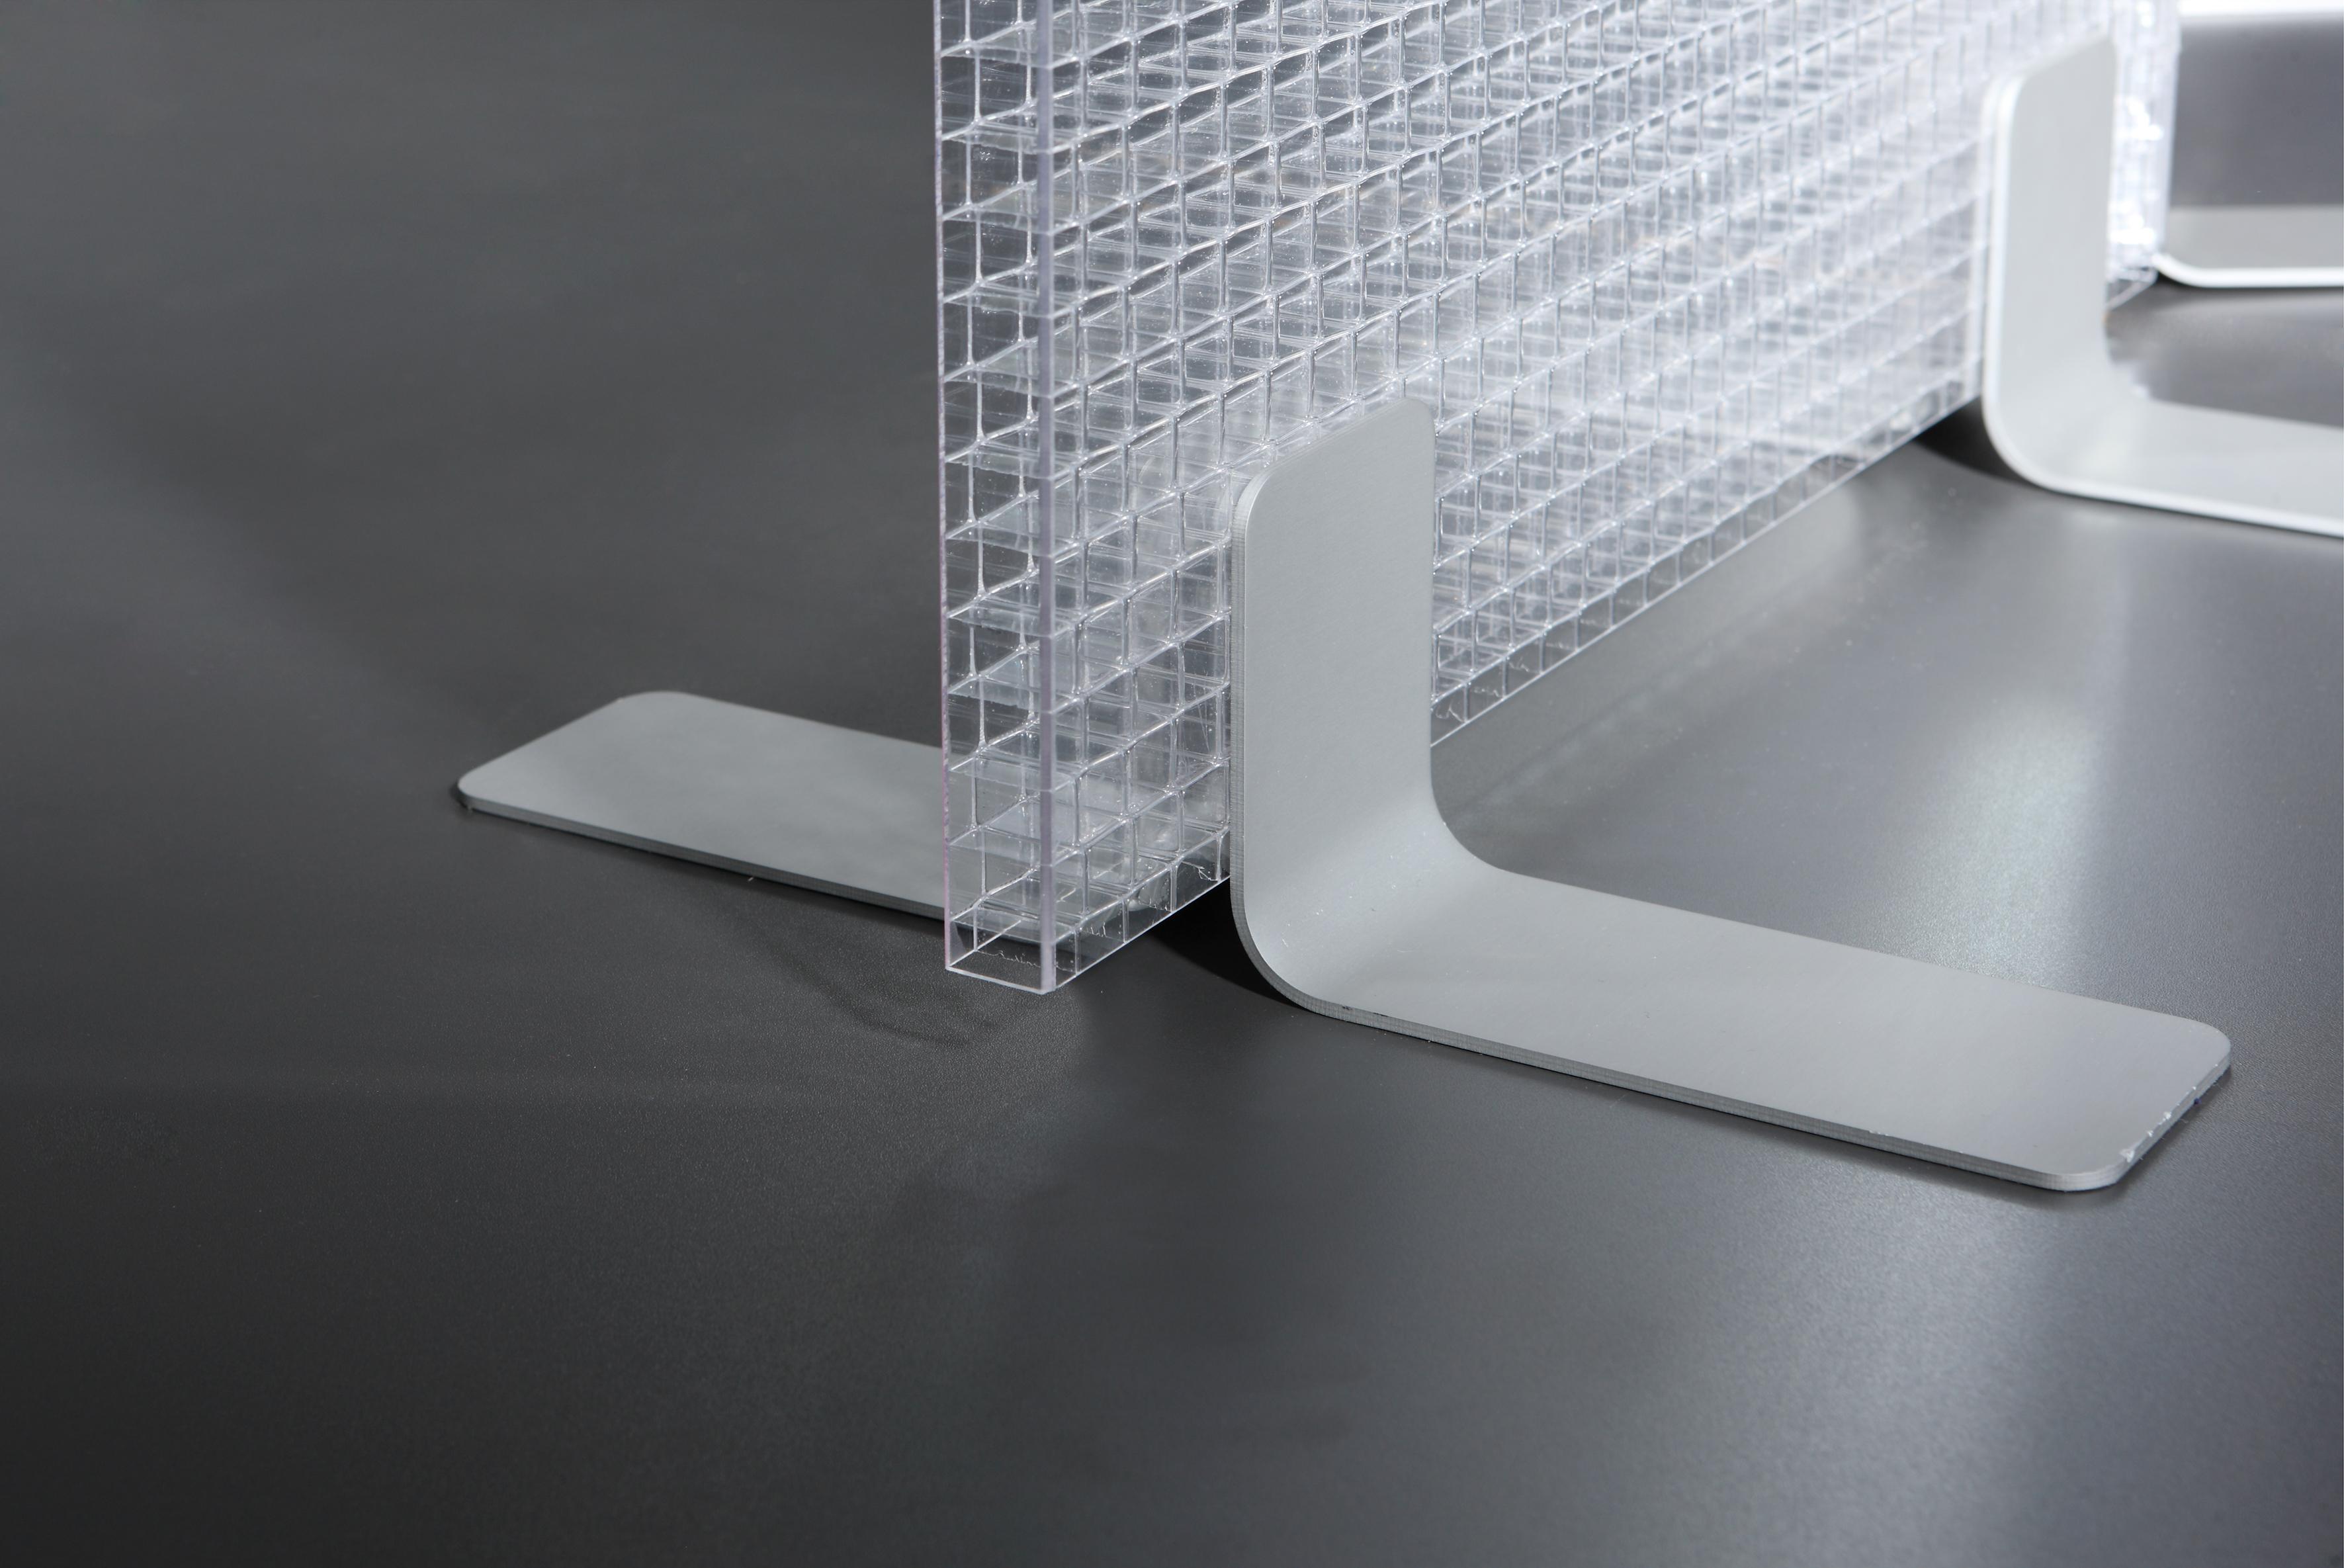 Transparente raumteiler akustikkunst - Trennwand bauen ohne boden beschadigen ...